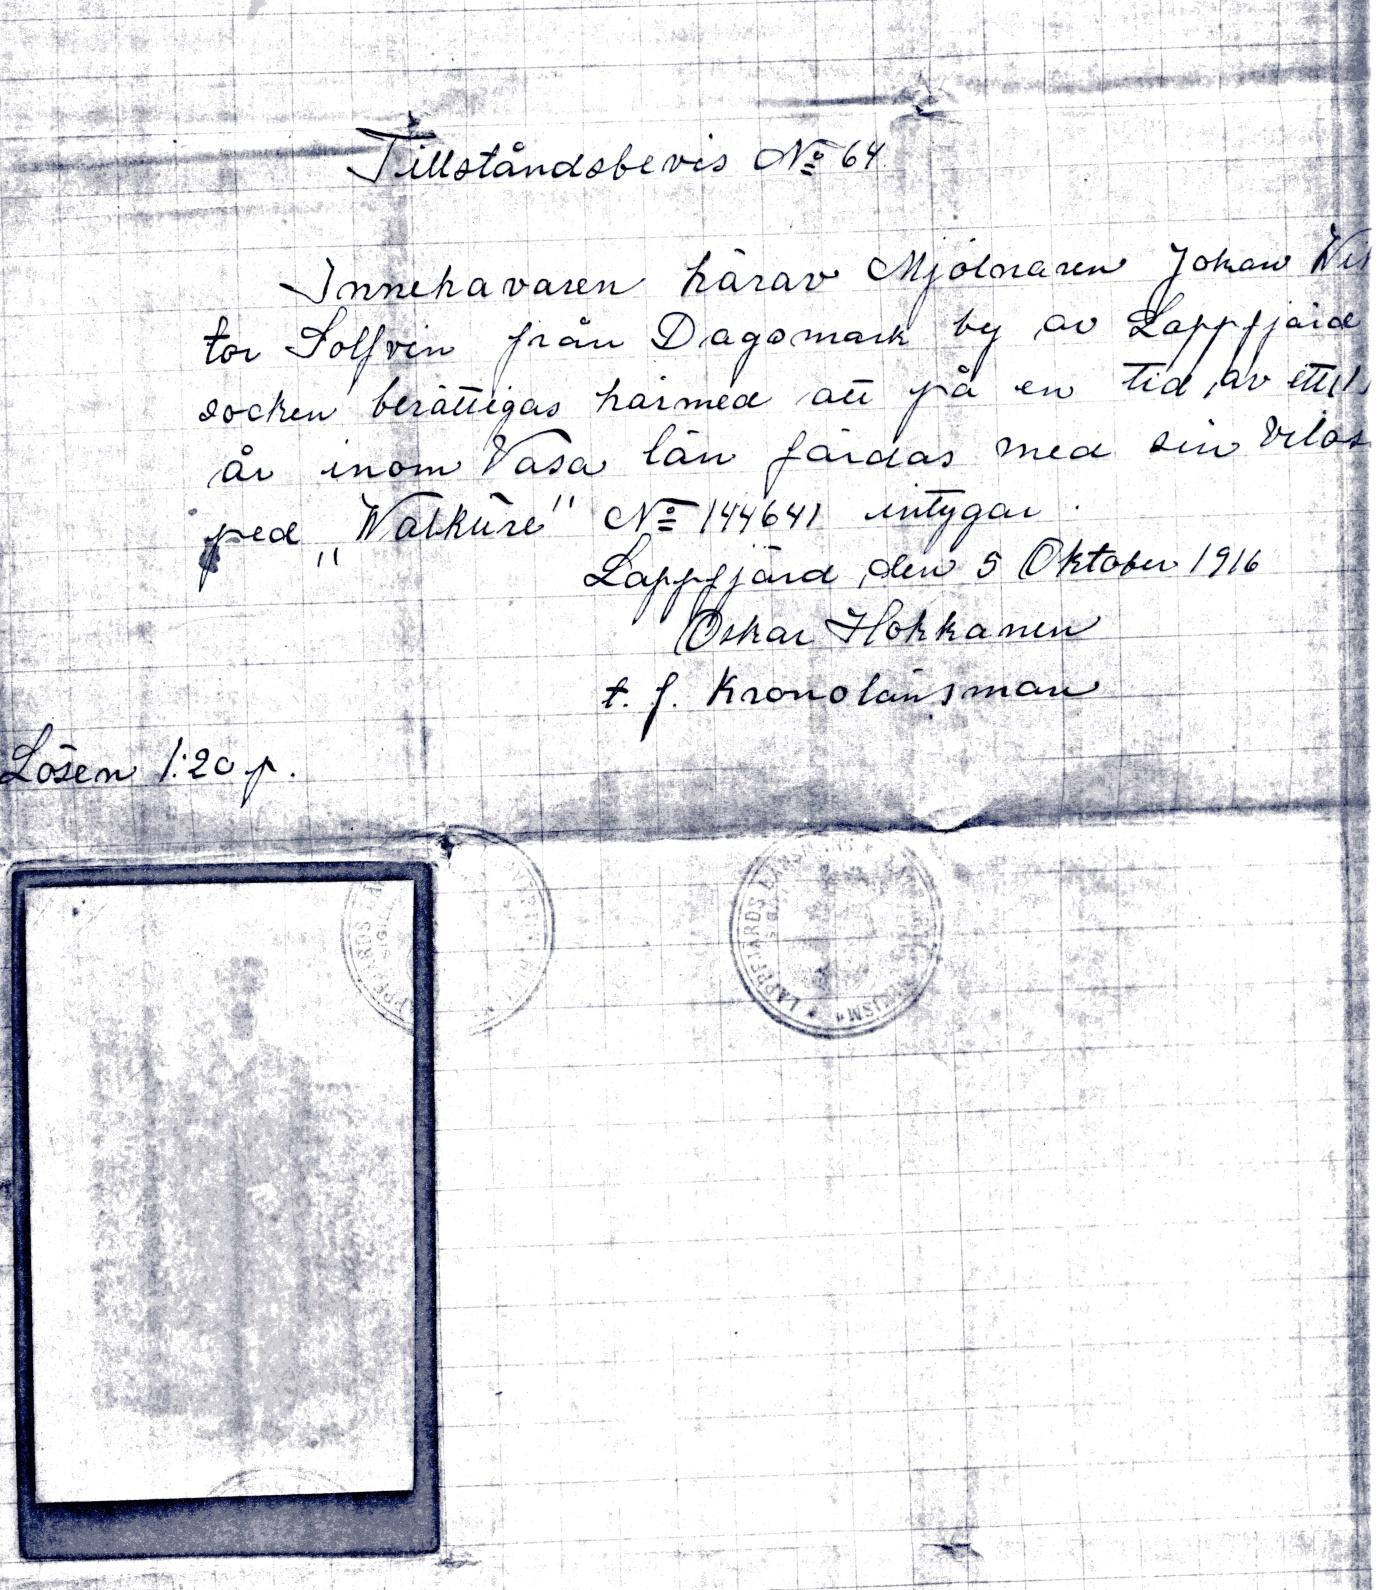 I oktober 1916 fick Viktor Solfvin från Dagsmark tillstånd av kronolänsmannen Hokkanen i Lappfjärd att framföra velociped. Tillståndet gällde bara för ett år men under den tiden fick han röra över hela Vasa län.